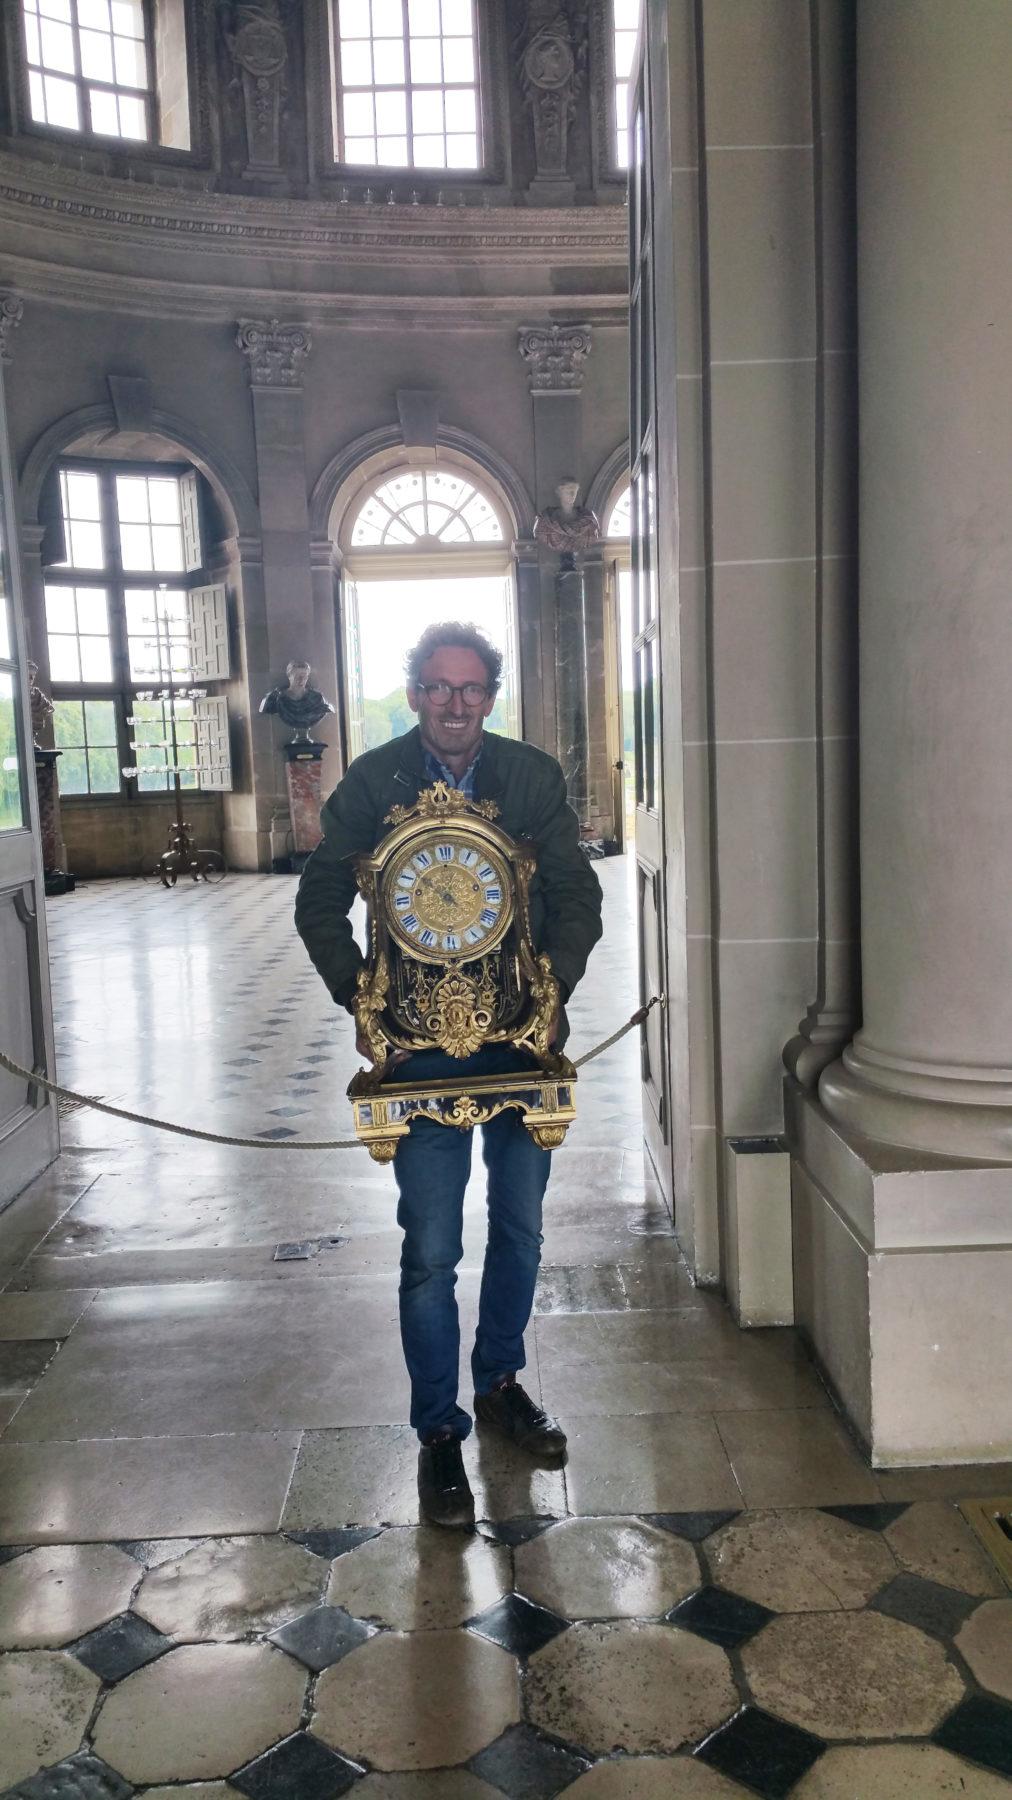 Vaux-le vicomte - Luc Vaganay -Restauration pendule et Cartels